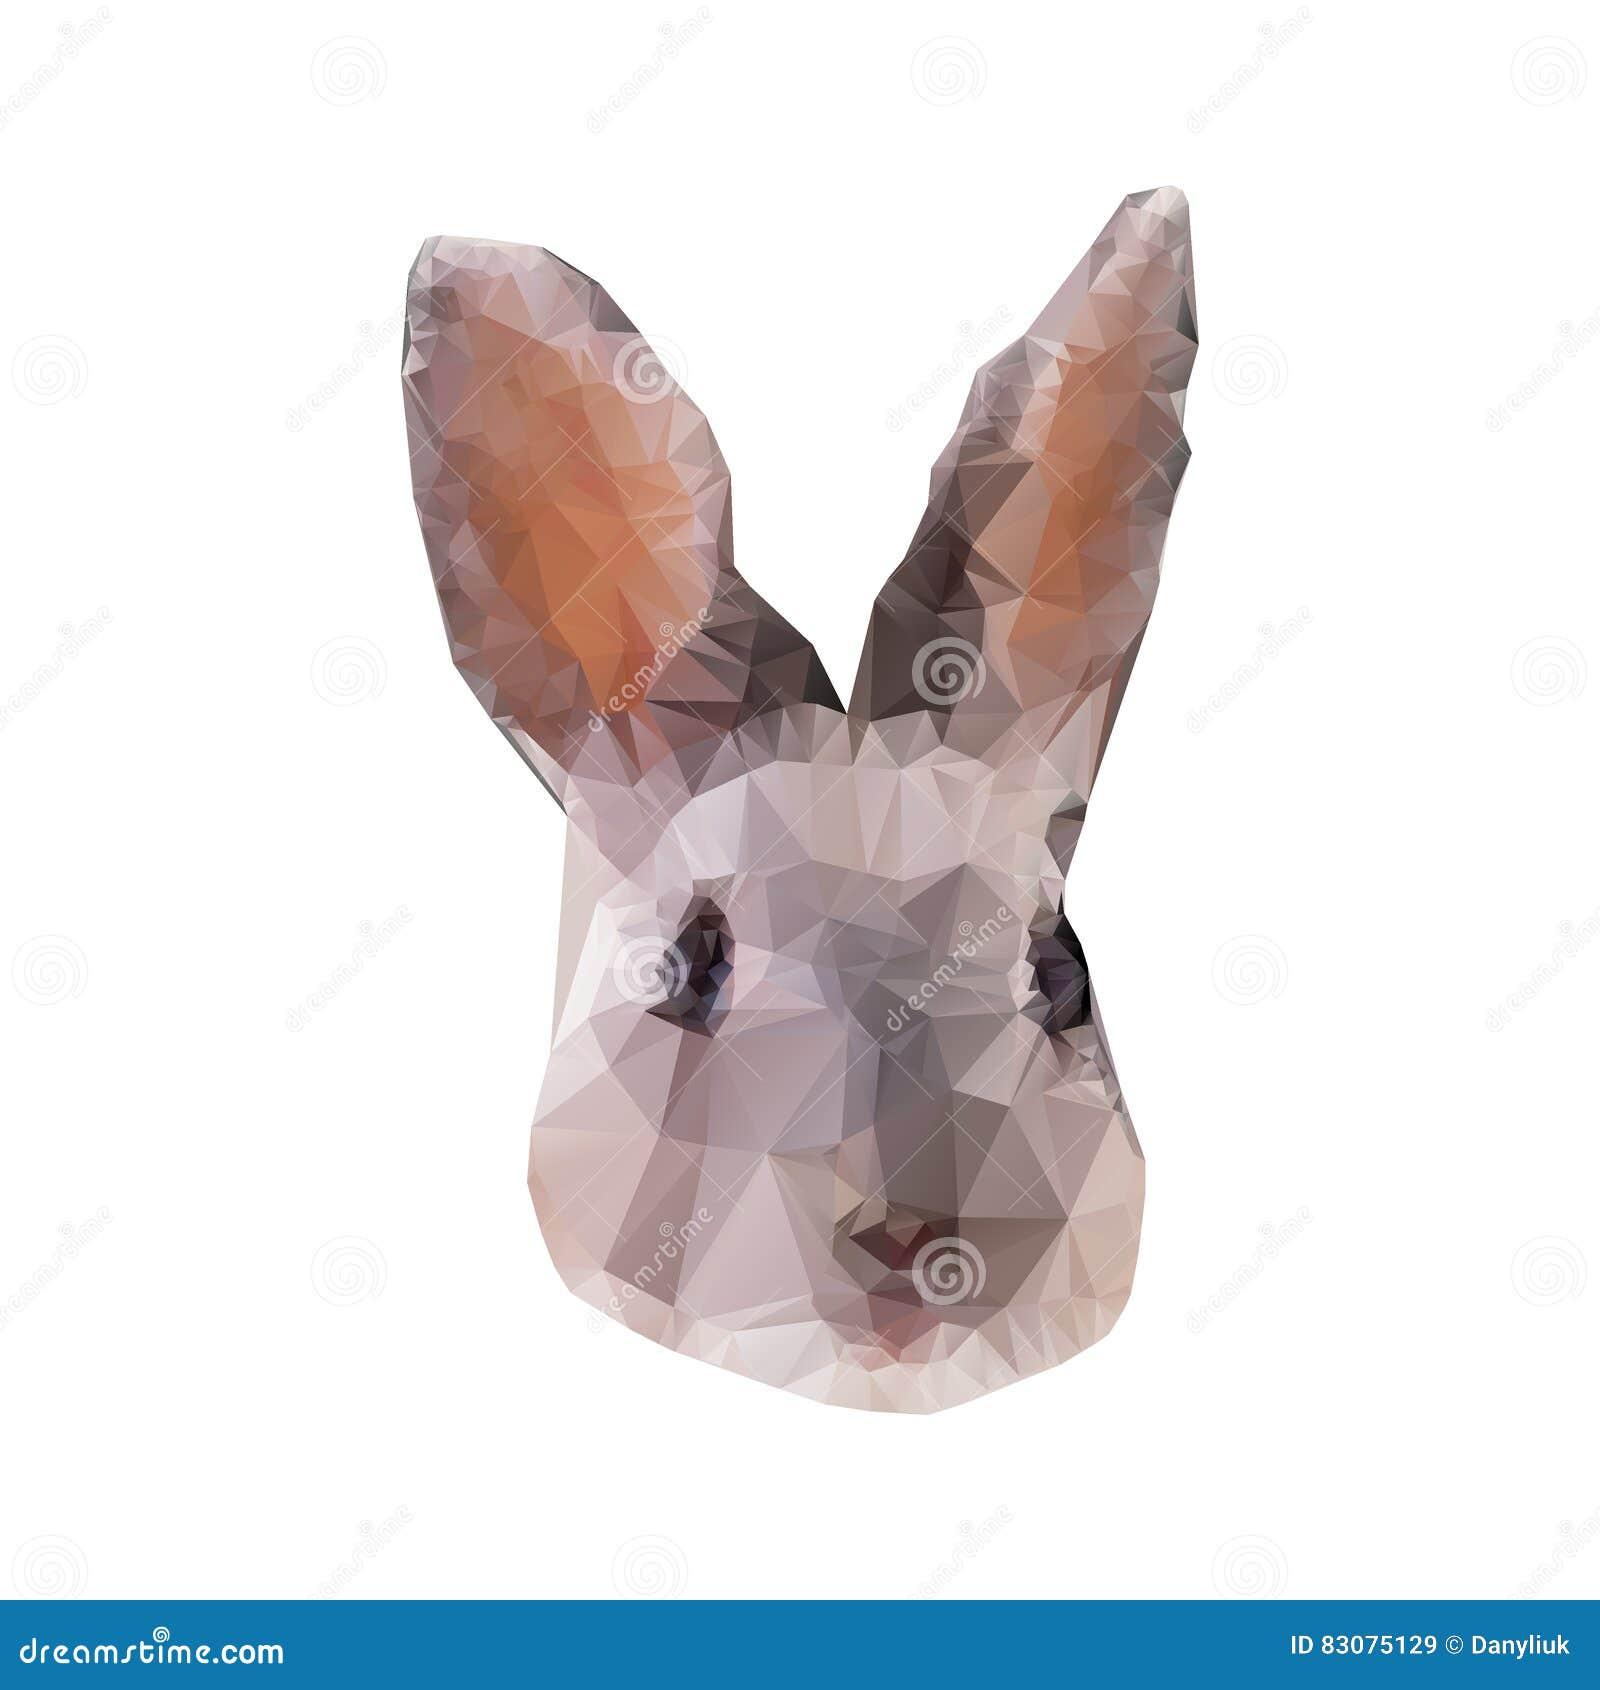 Ritratto grigio del coniglio in basso poli Illustrazione poligonale astratta